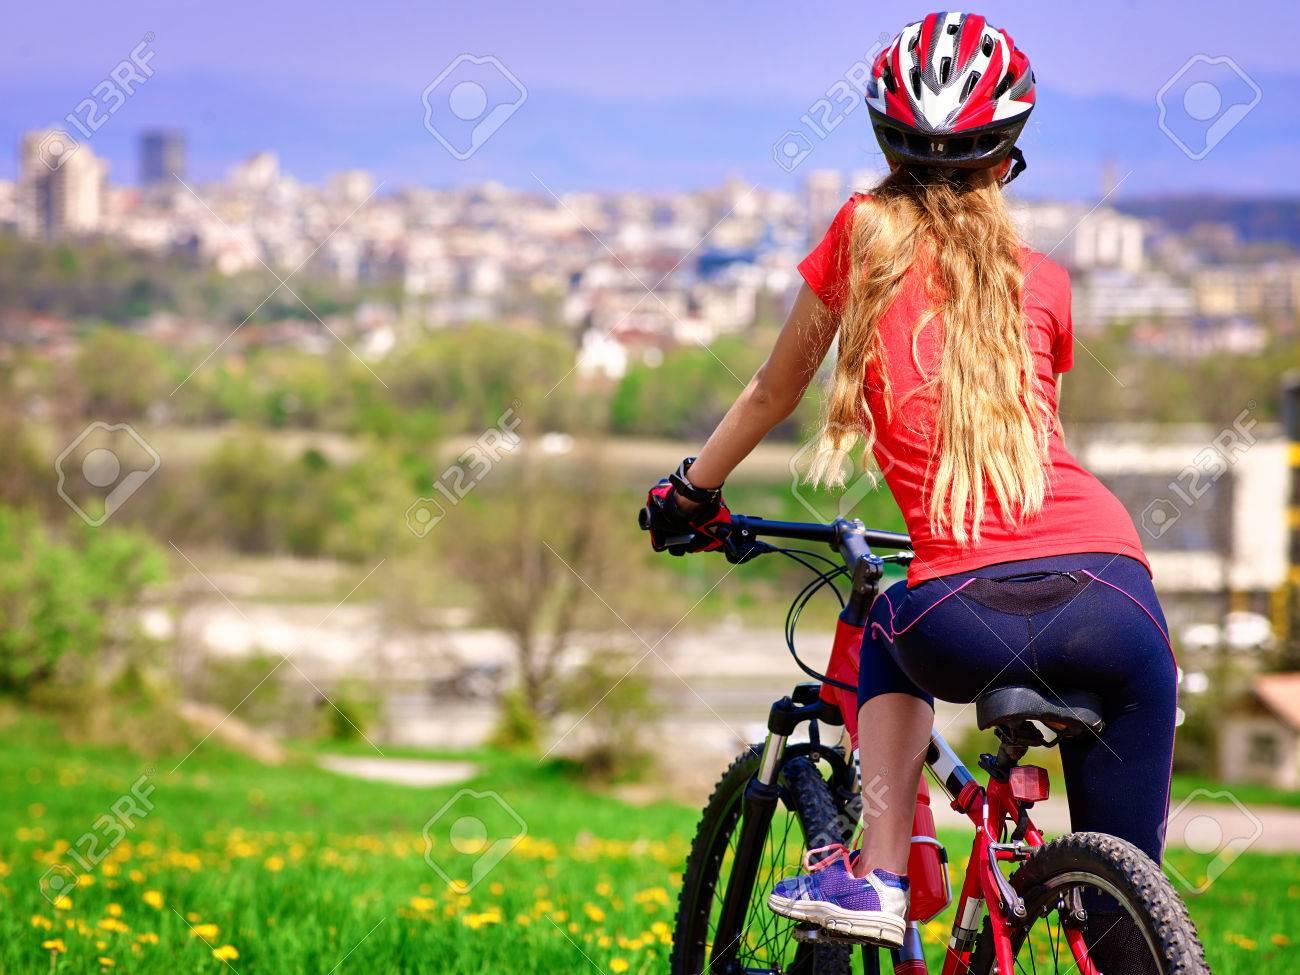 Biciclette In Bicicletta Ragazza La Ragazza Guida La Bicicletta In Città Ragazza In Bicicletta La Bicicletta è Buono Per La Salute Ciclista Sta